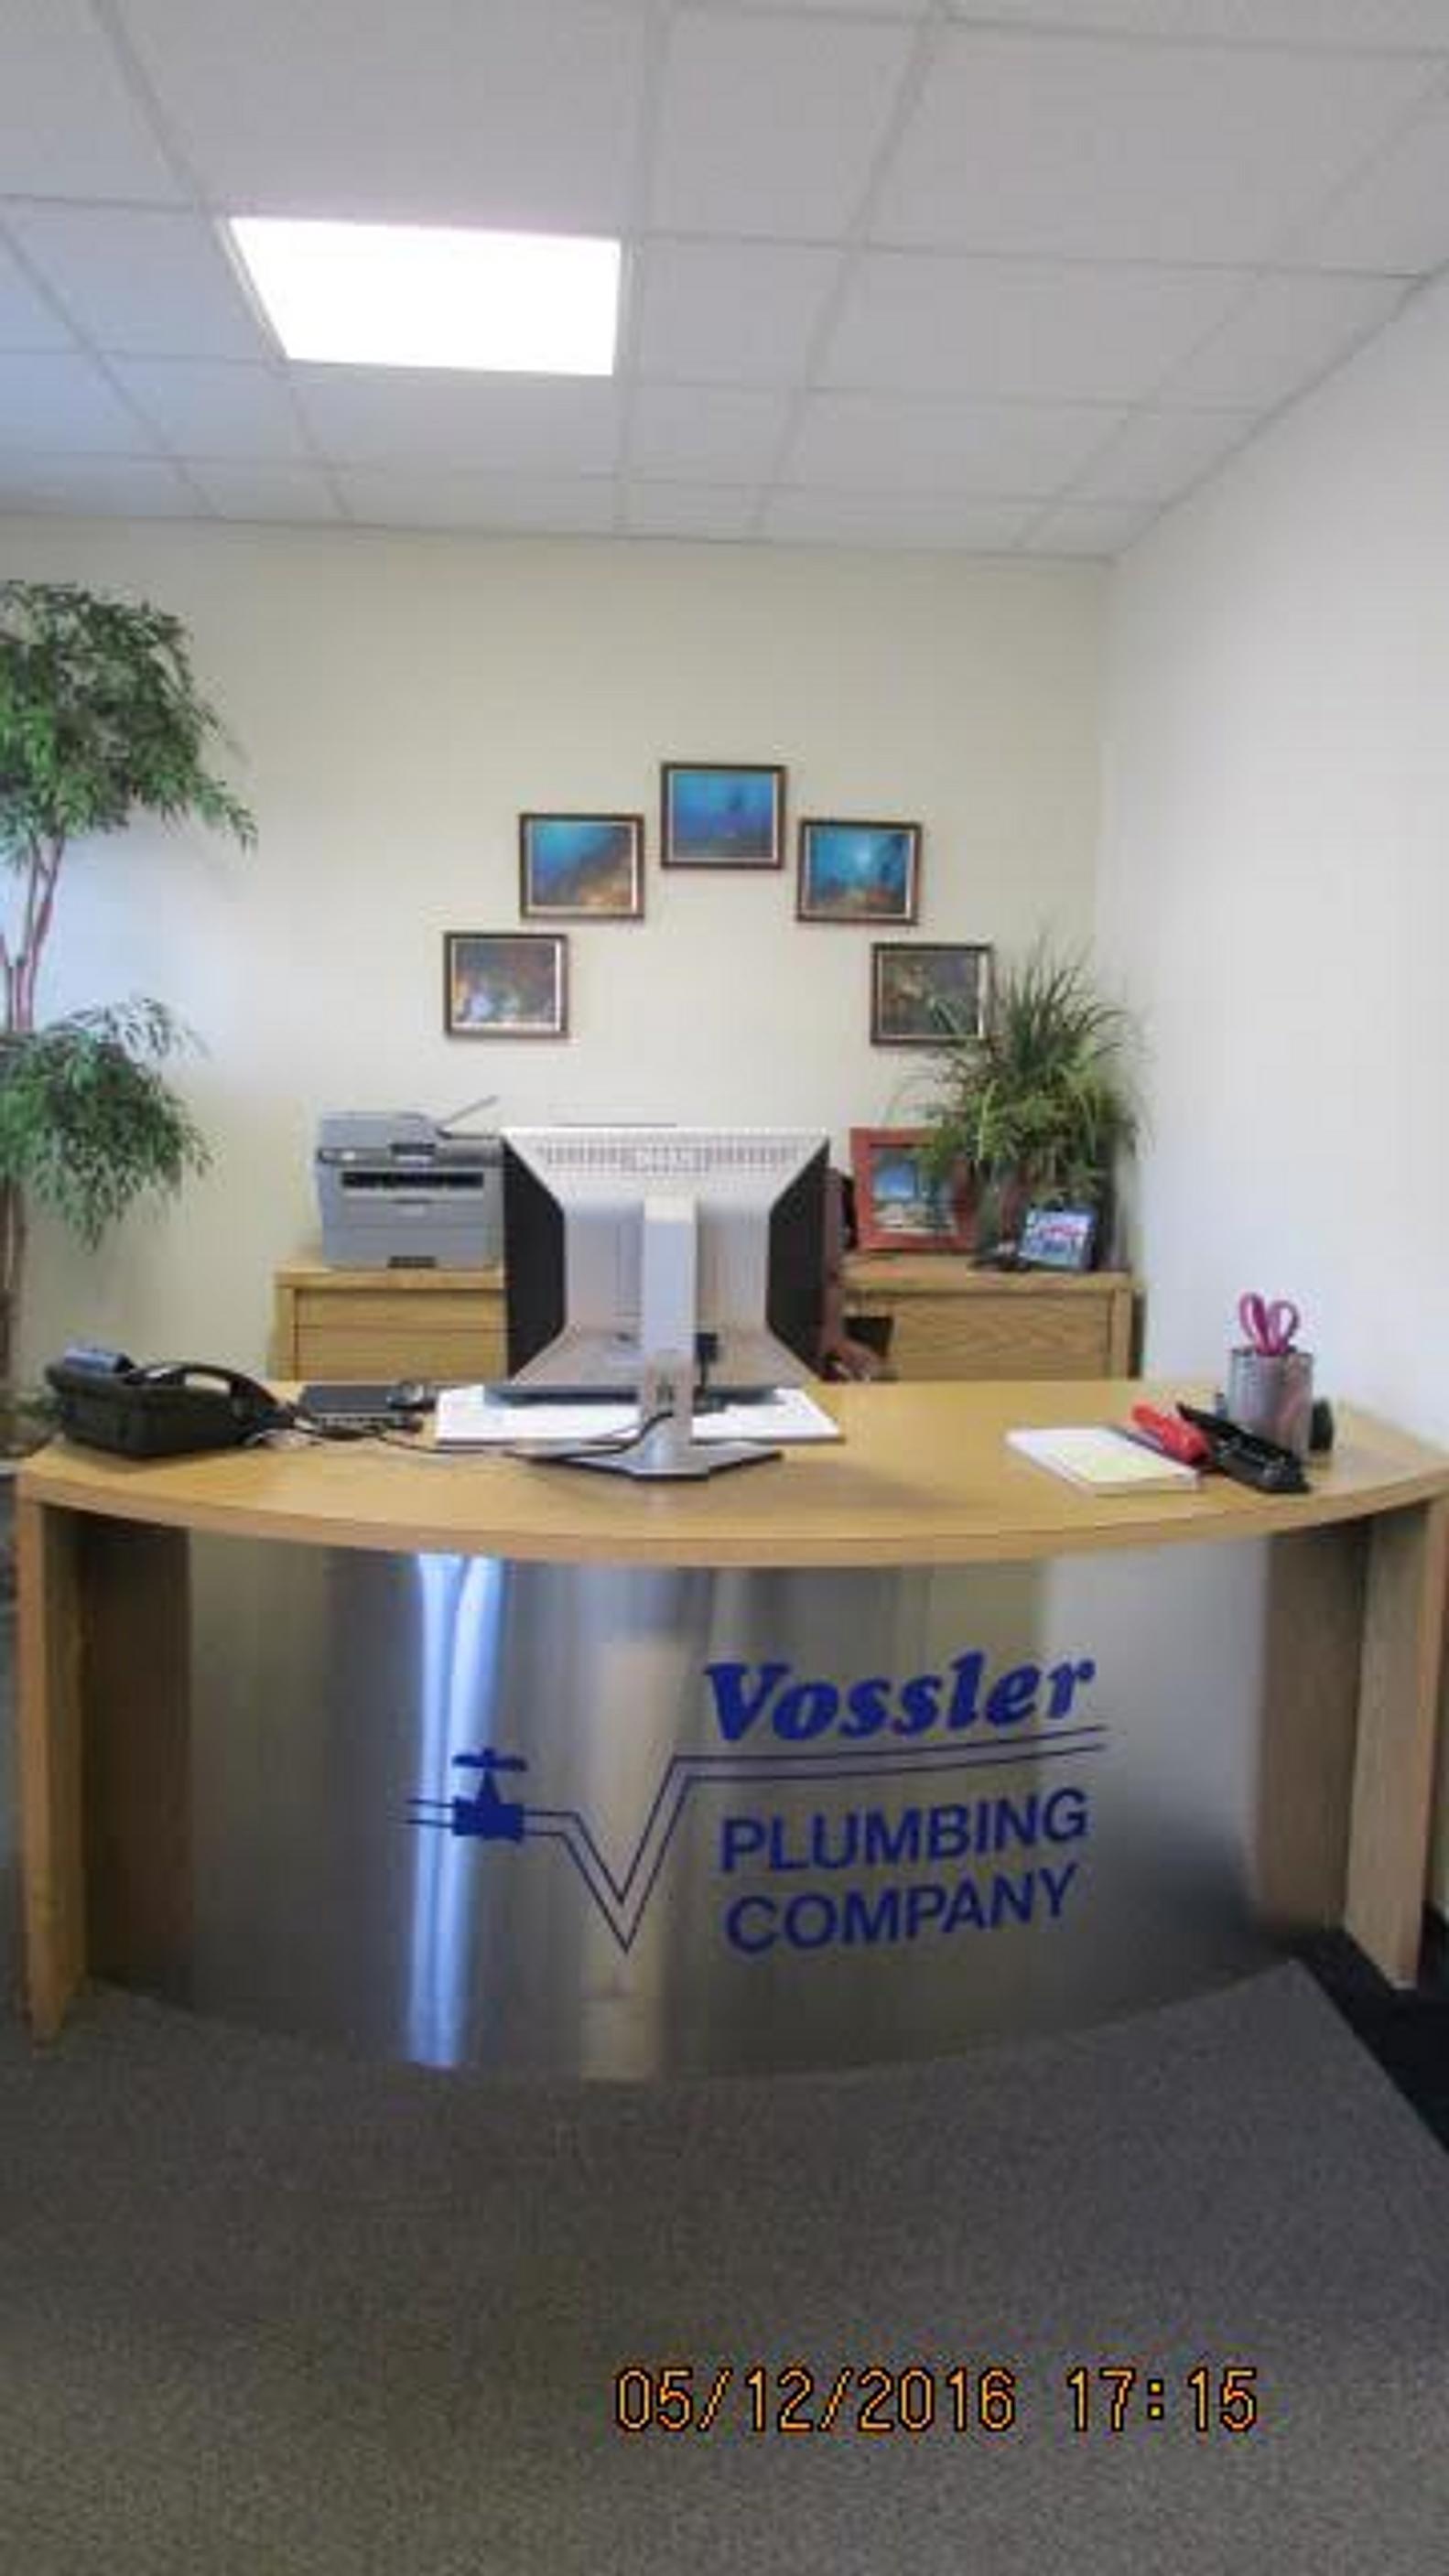 Vossler Plumbing Company